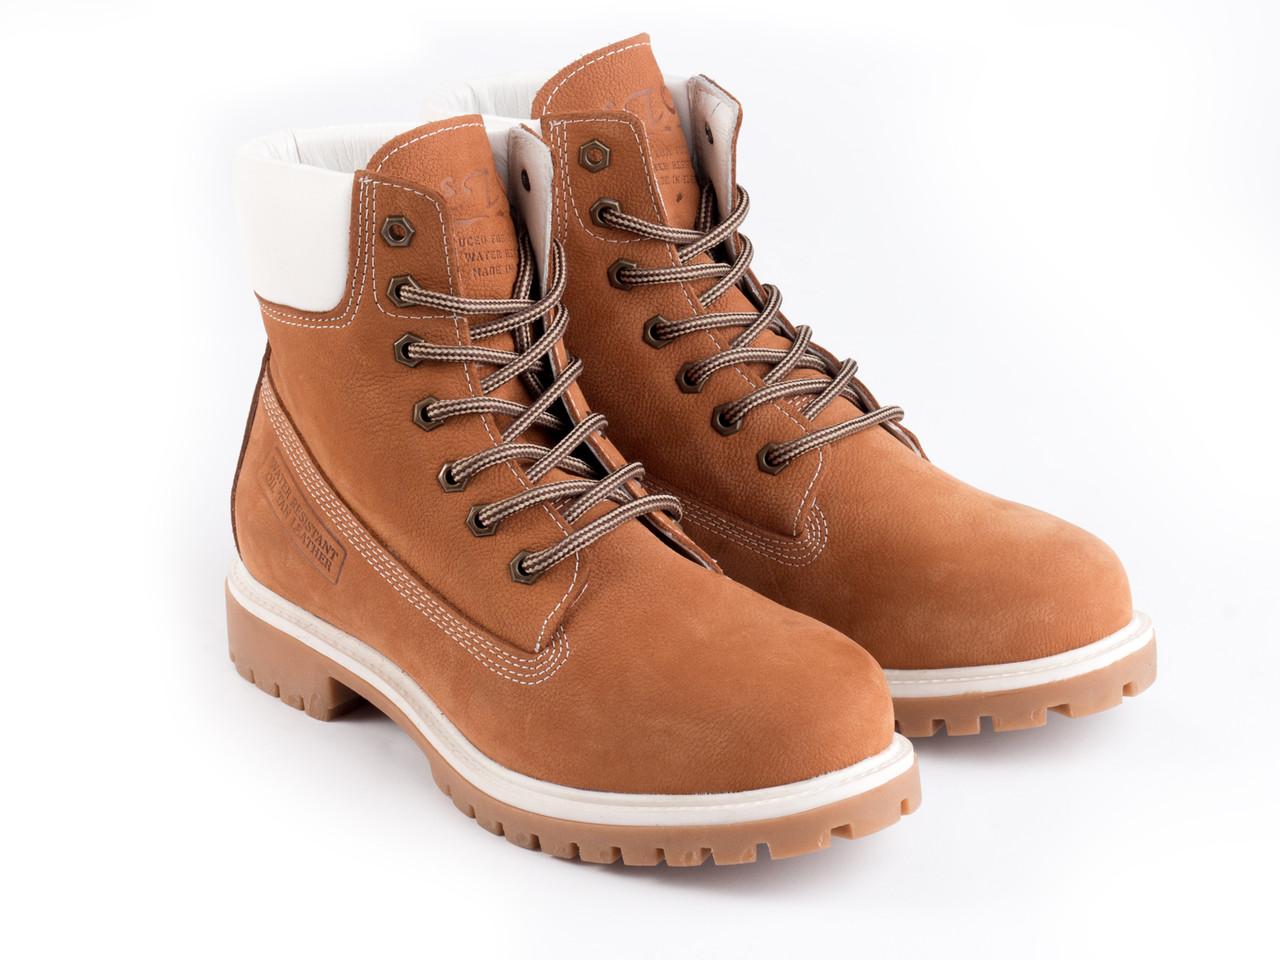 Ботинки Etor 9916-2298-10 рыжие